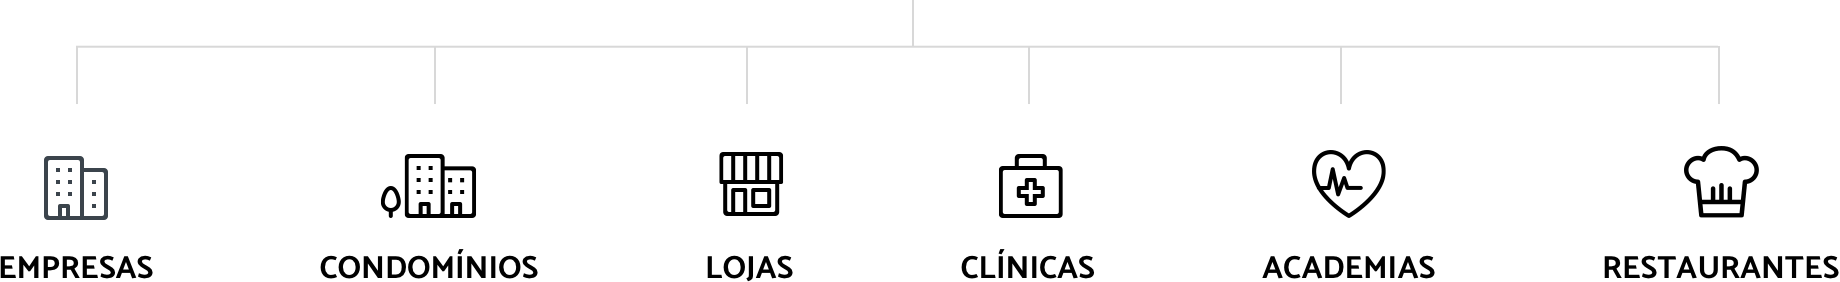 Diversos segmentos